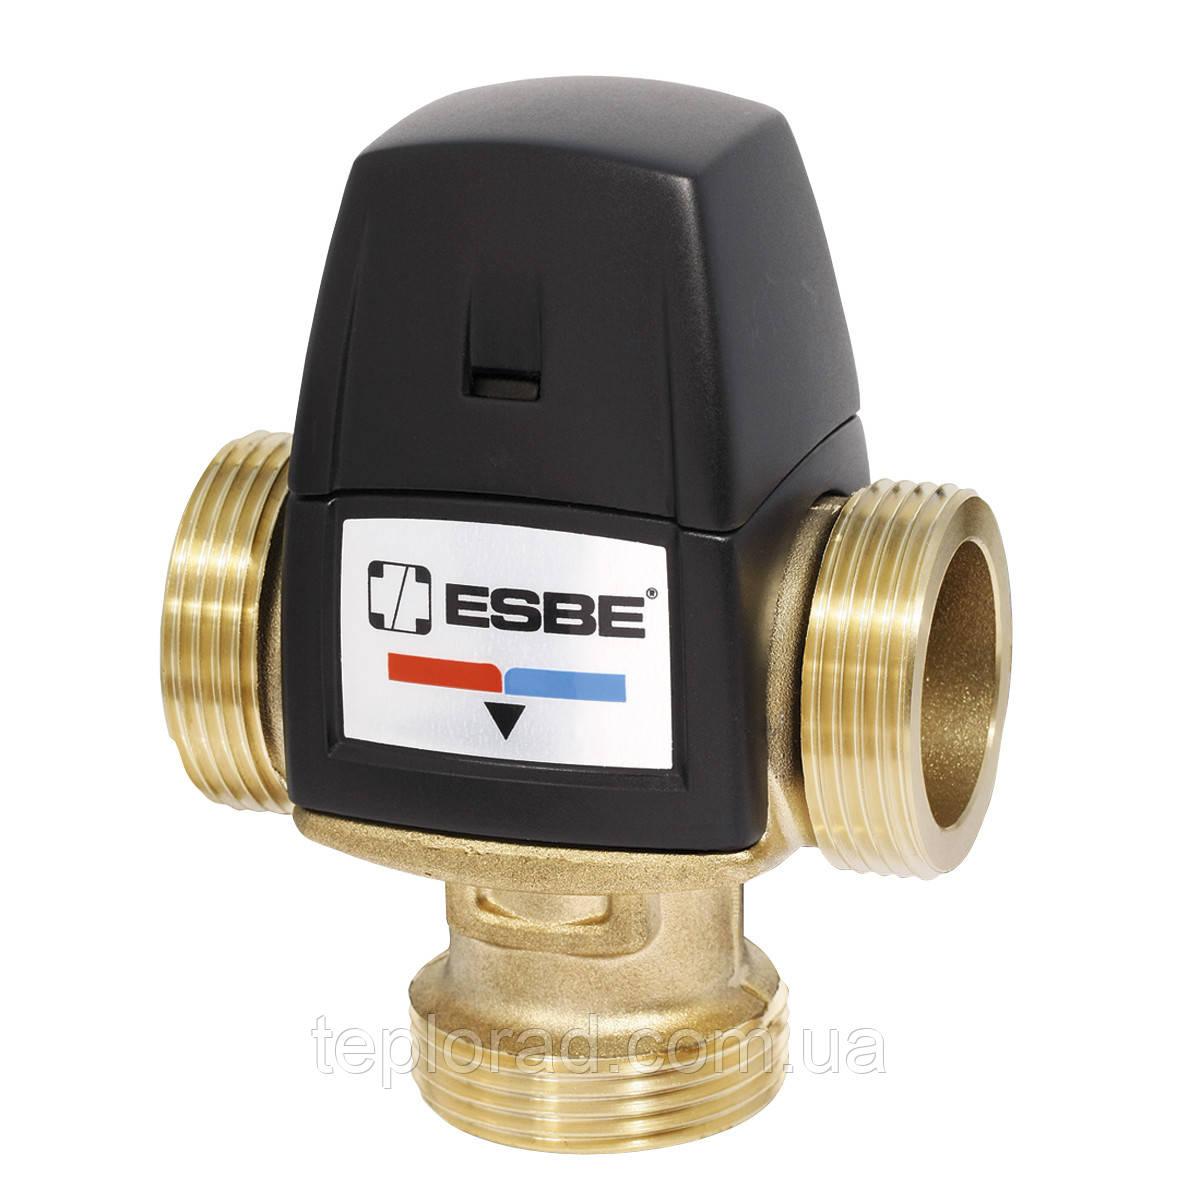 Термостатический смесительный клапан ESBE VTA552 G 1 1/4 DN25 50-75 C kvs 3.5